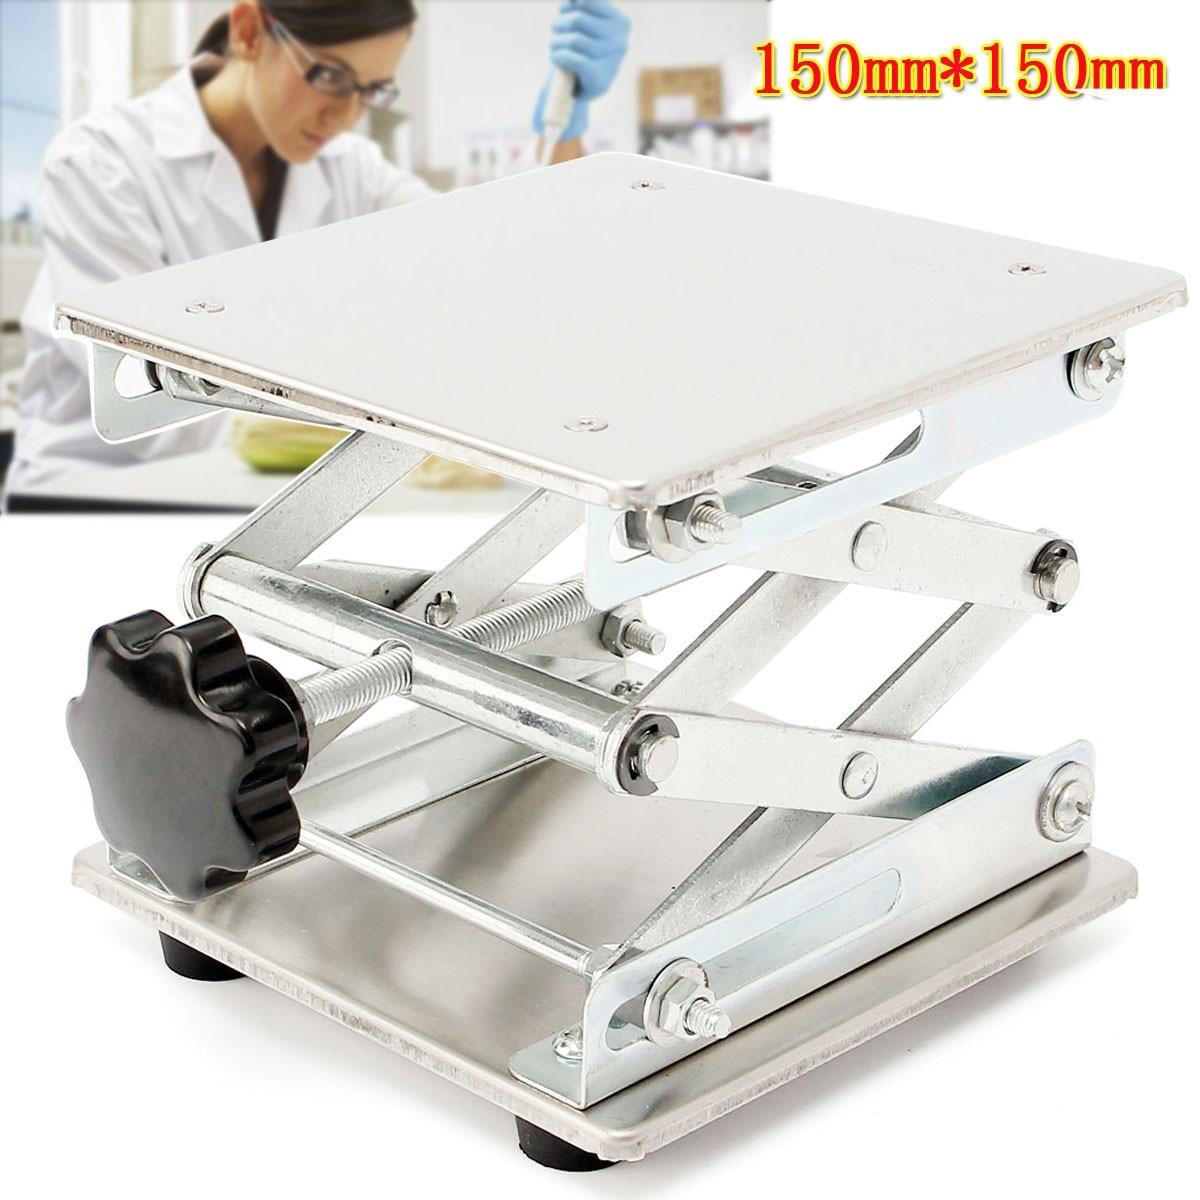 Labor Stand Tisch Scissor Lift labor 150*150mm 6